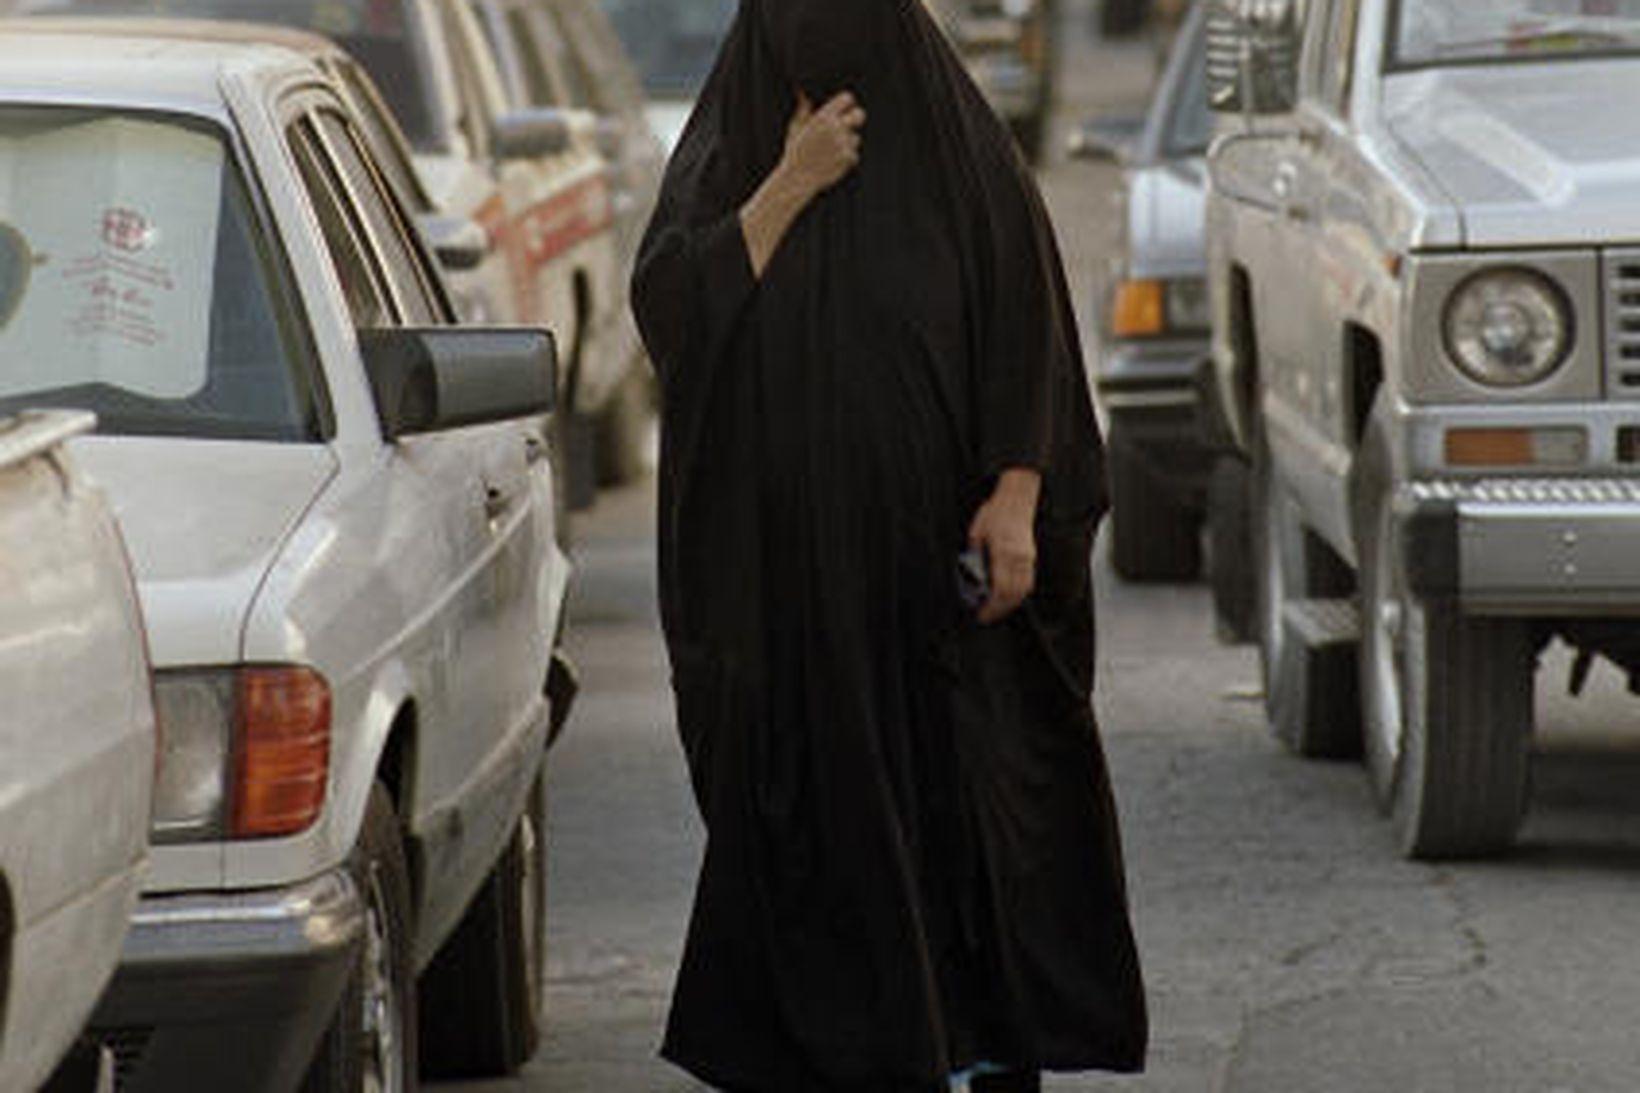 Kona á götu í Dammam í Sádi-Arabíu.